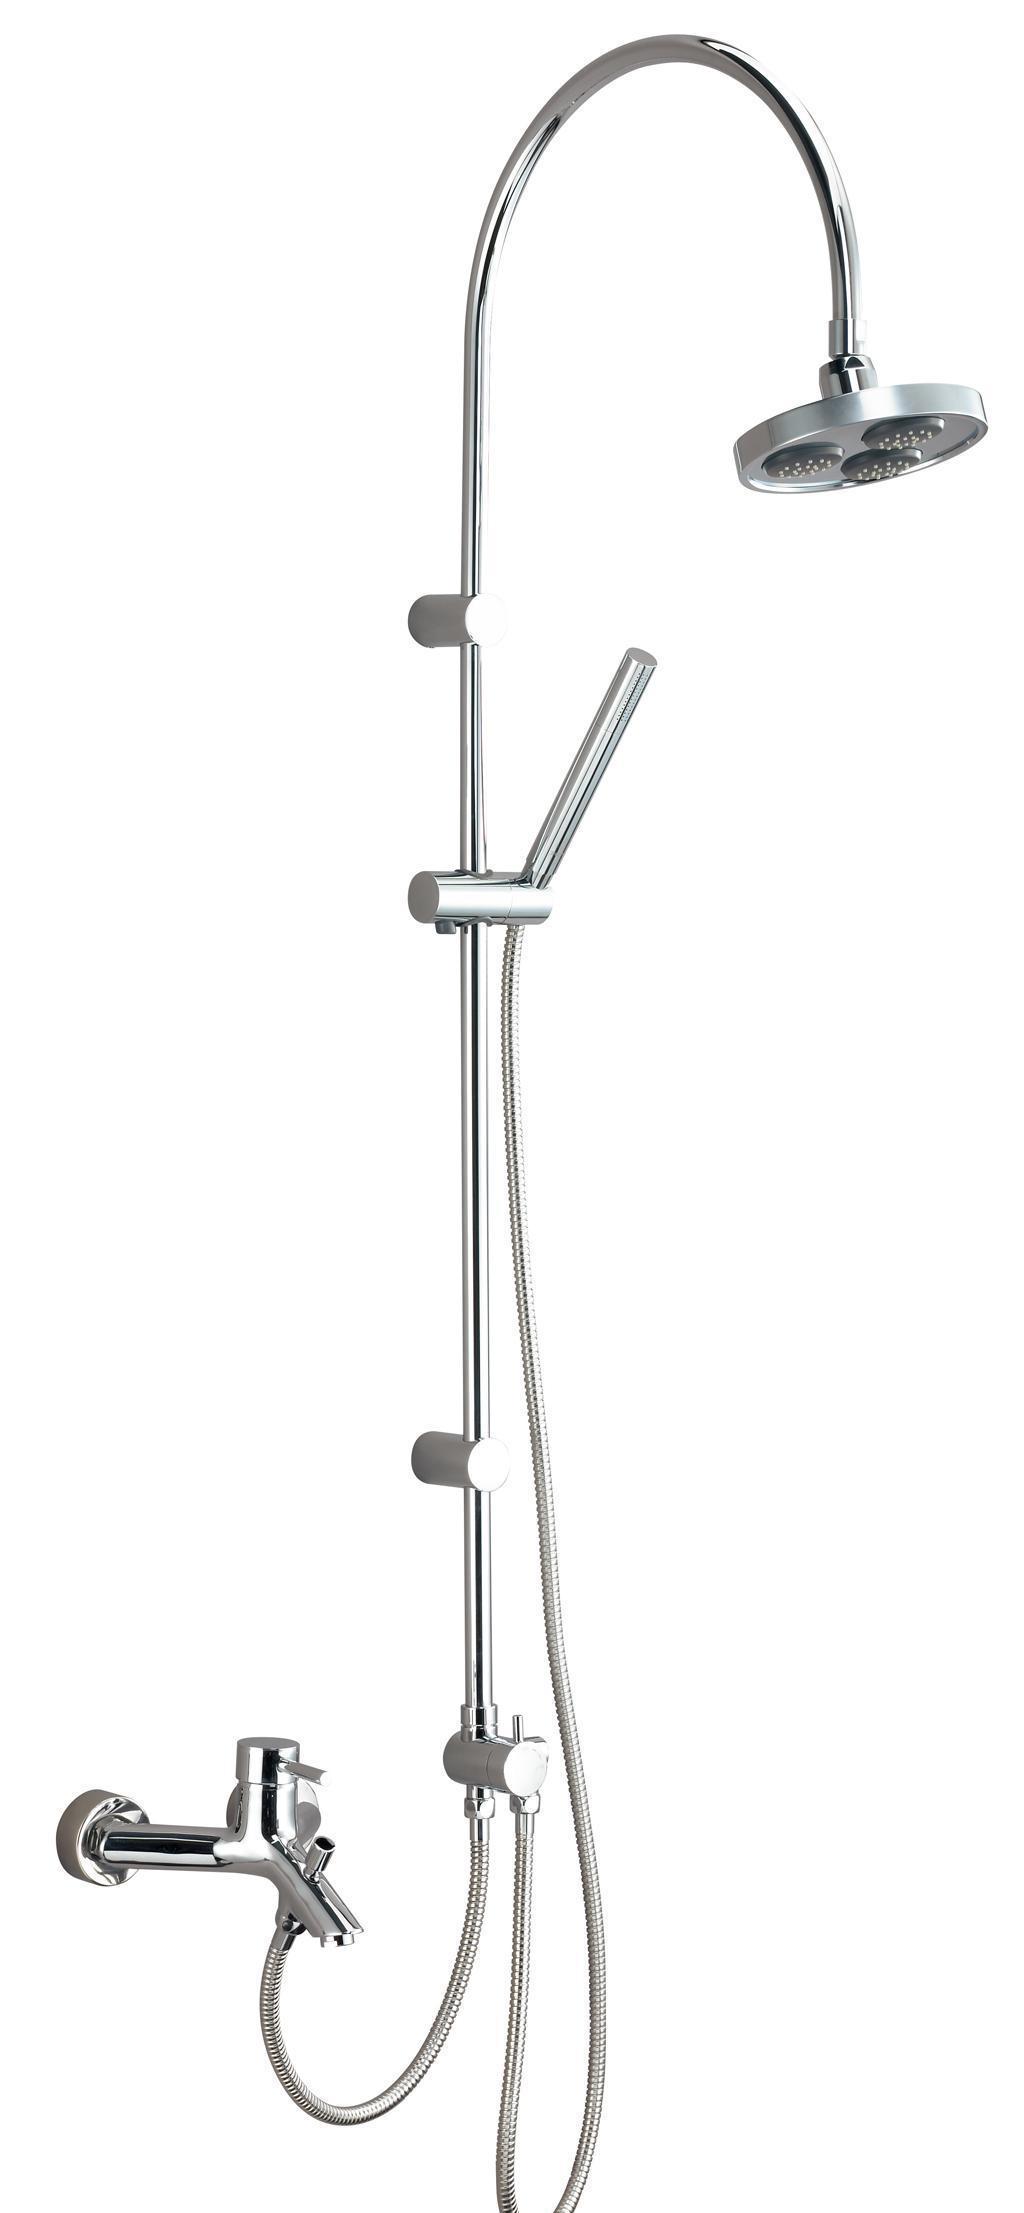 TOTO淋浴柱DM902CDFDM902CDF